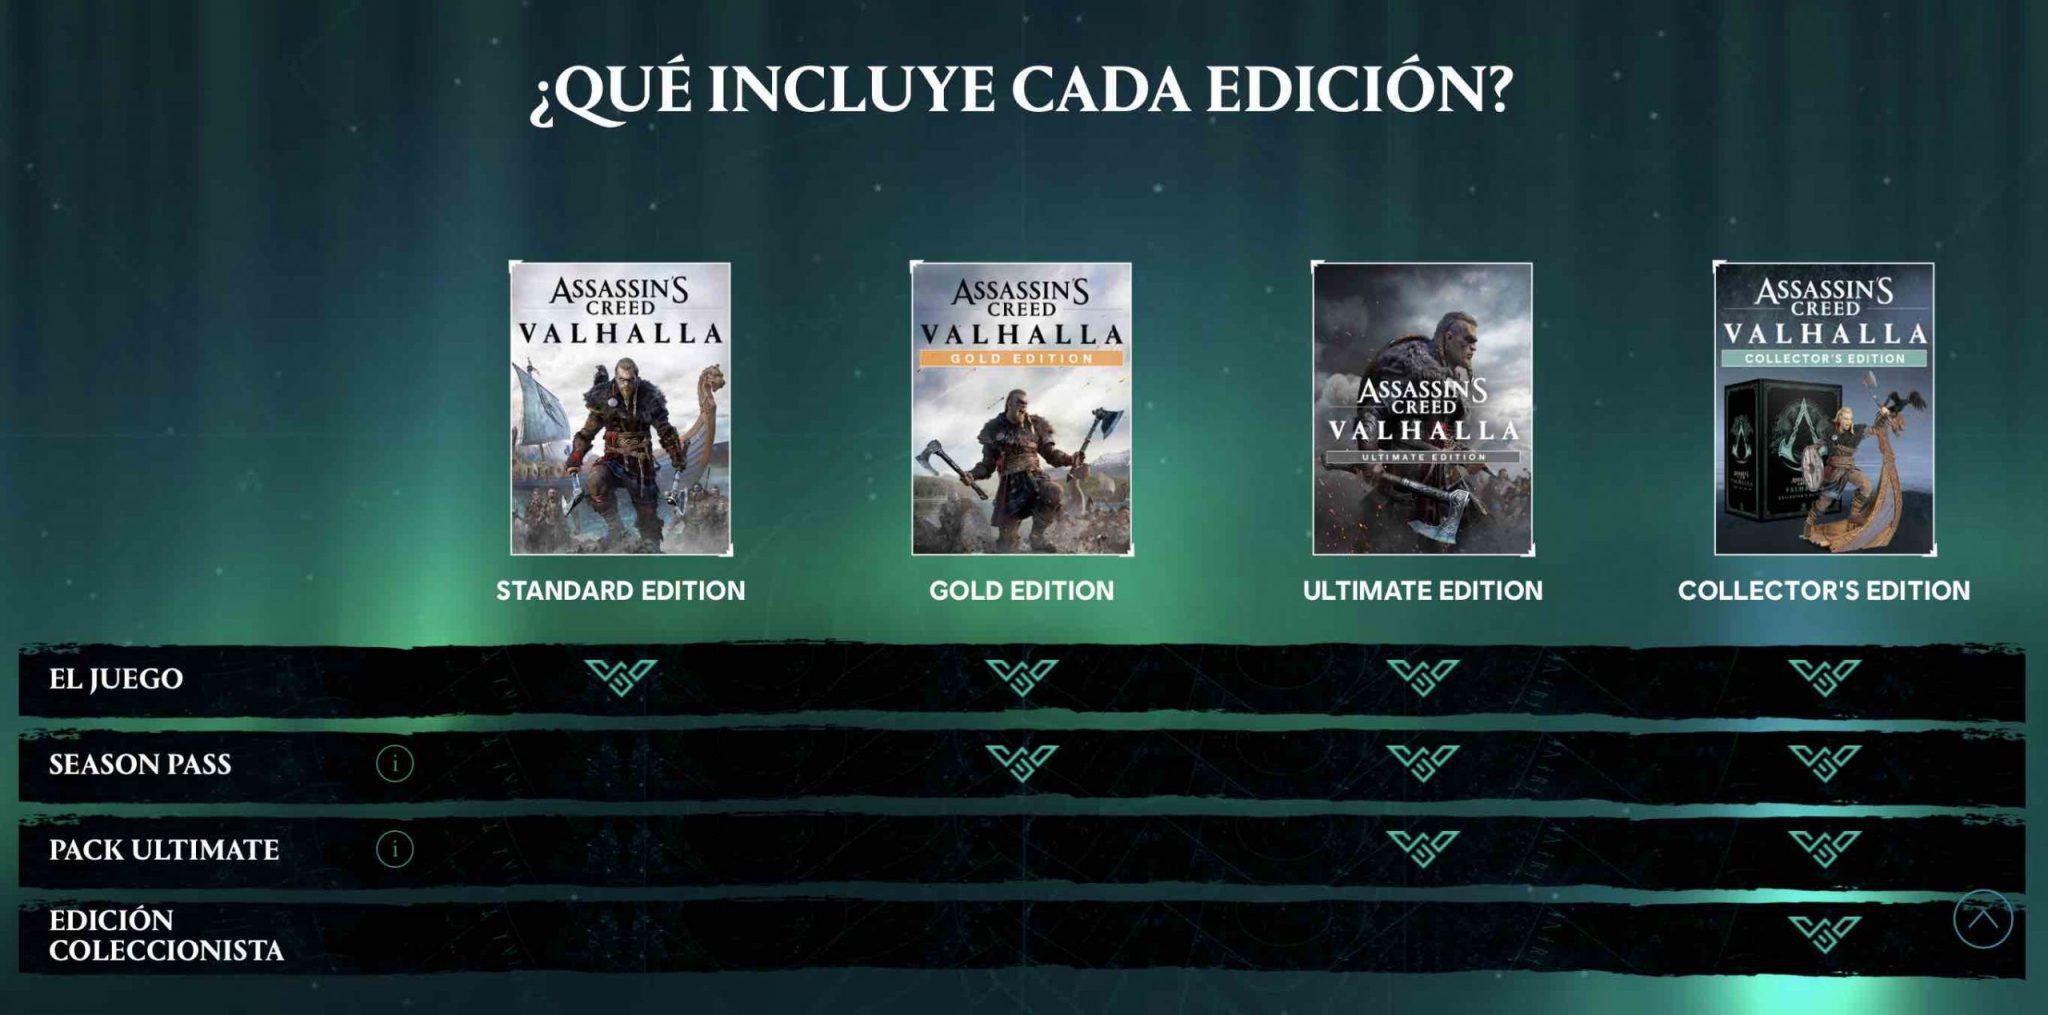 Imagen de ediciones de Assassin's Creed Valhalla